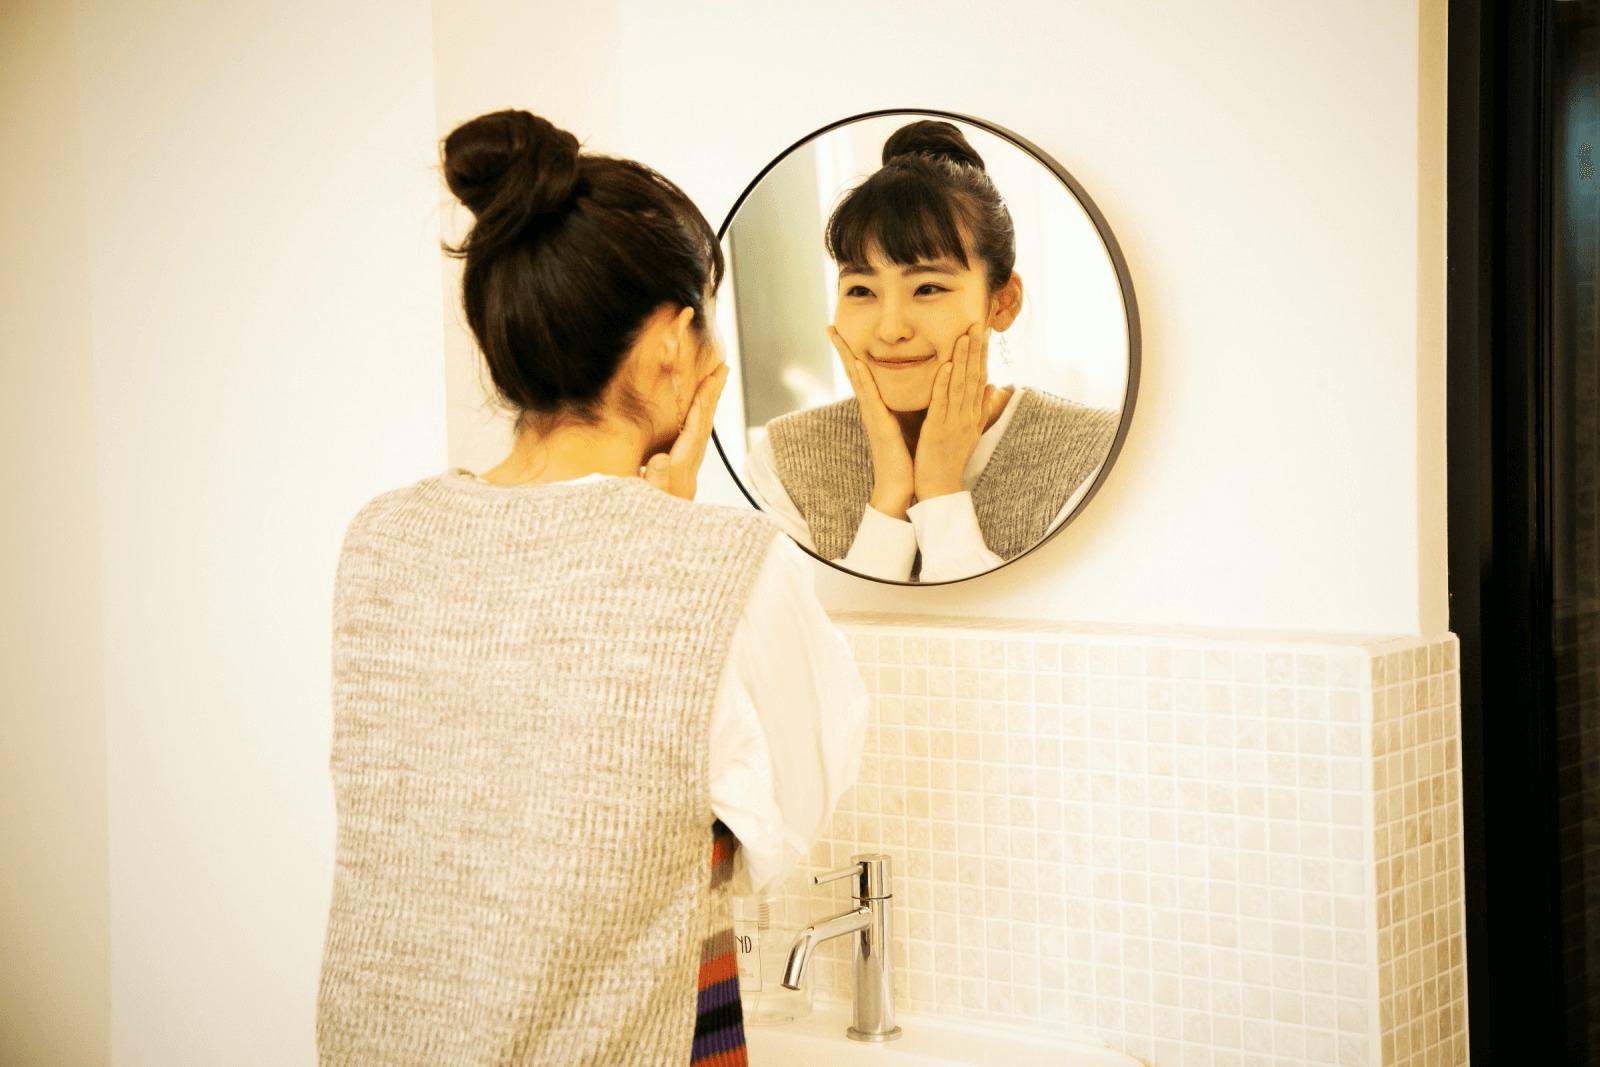 脱衣室の鏡を見る清水さん